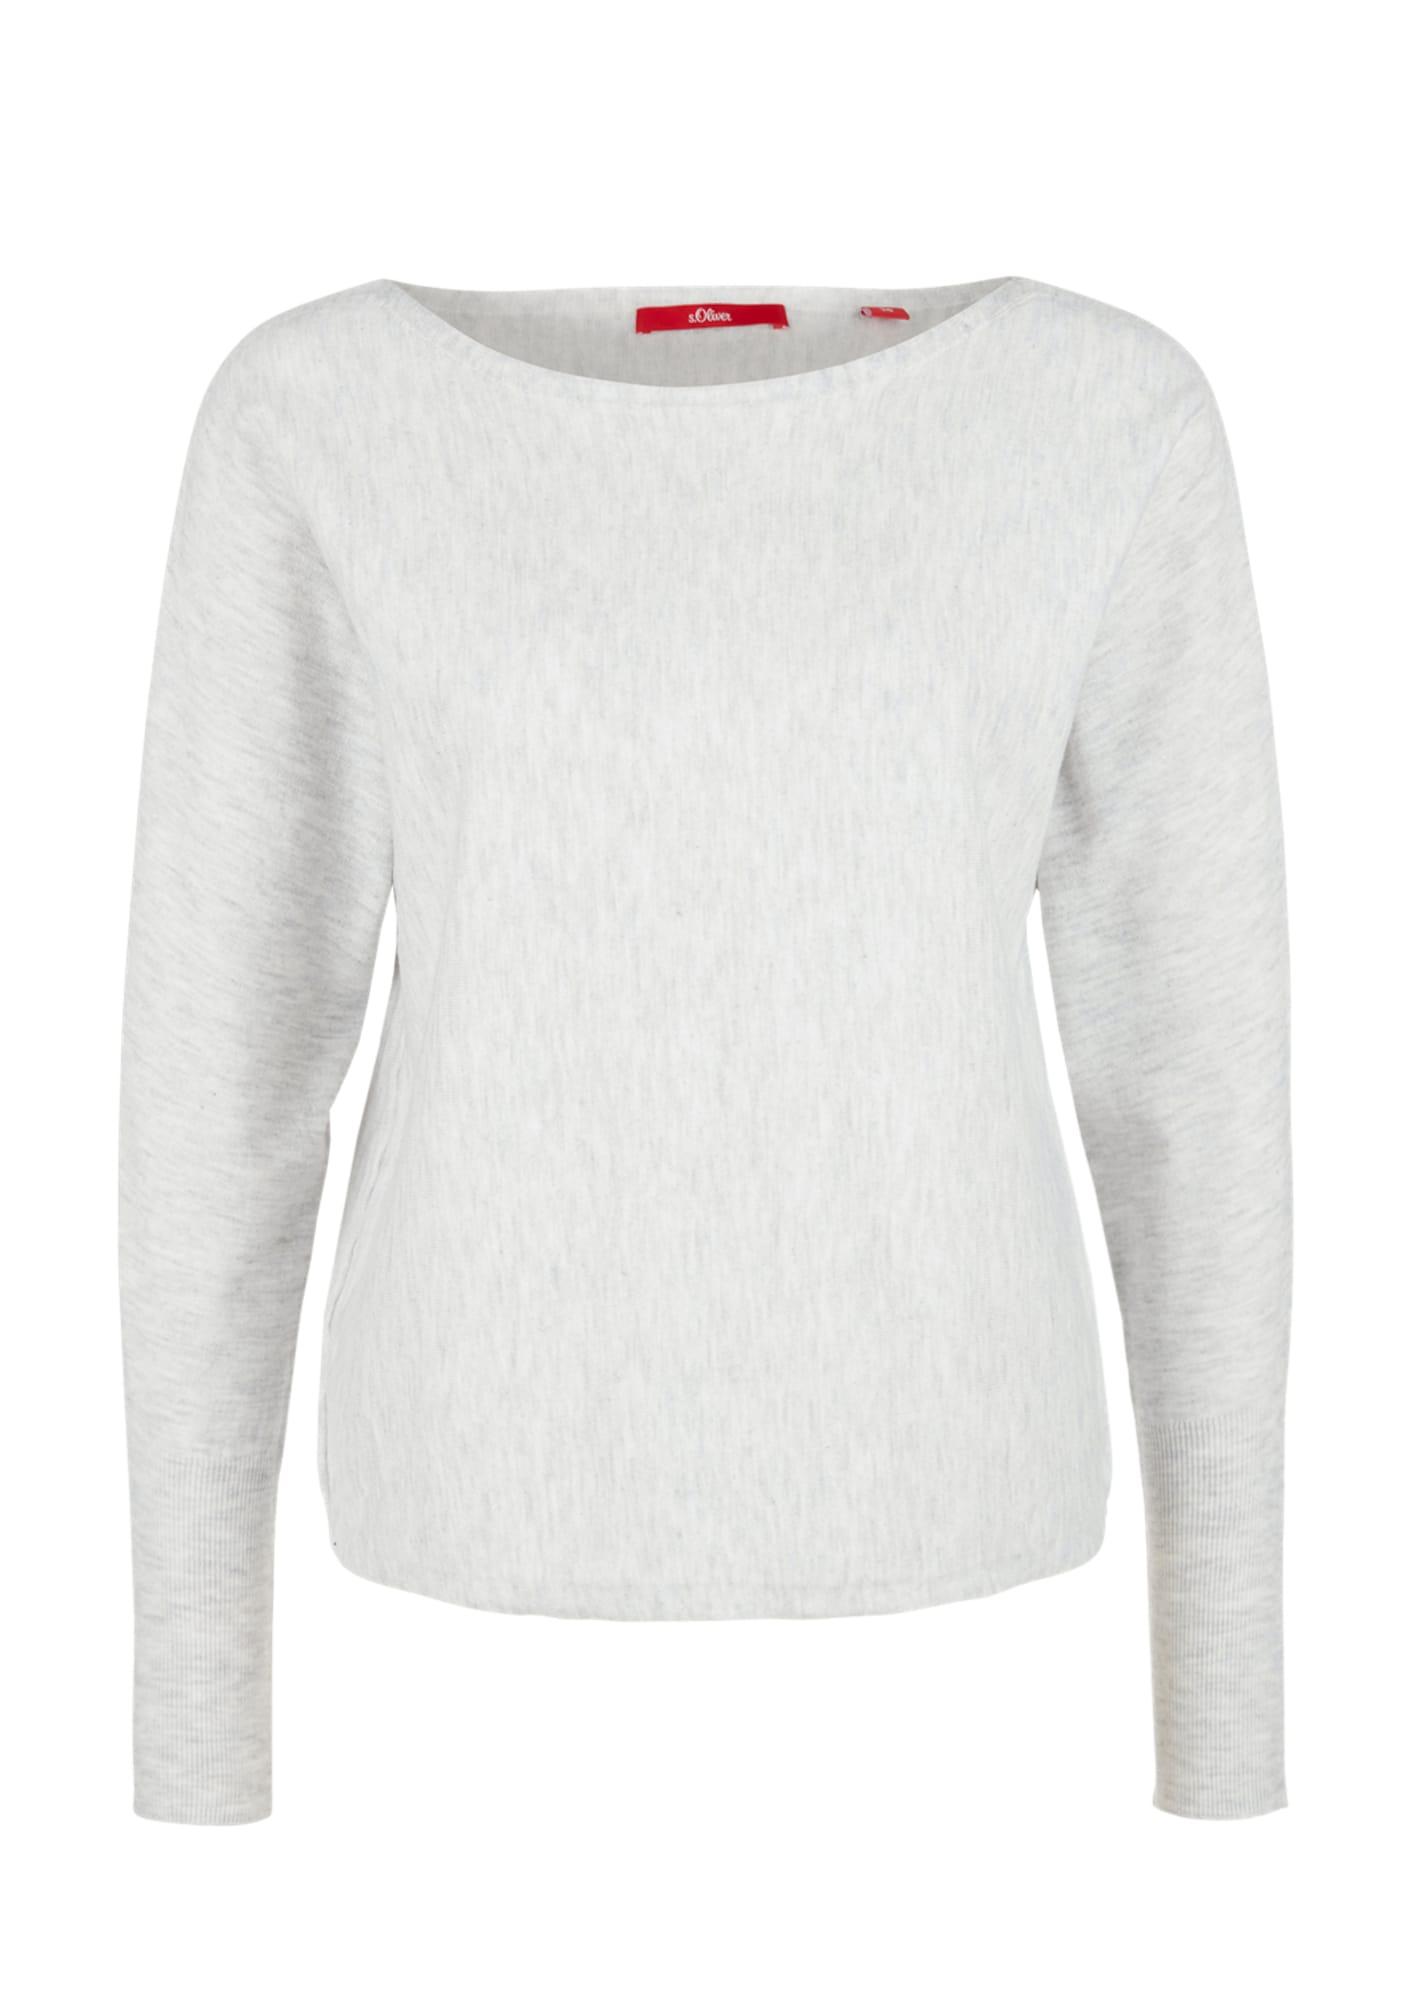 Pullover | Bekleidung > Pullover > Sonstige Pullover | Hellgrau | S.Oliver